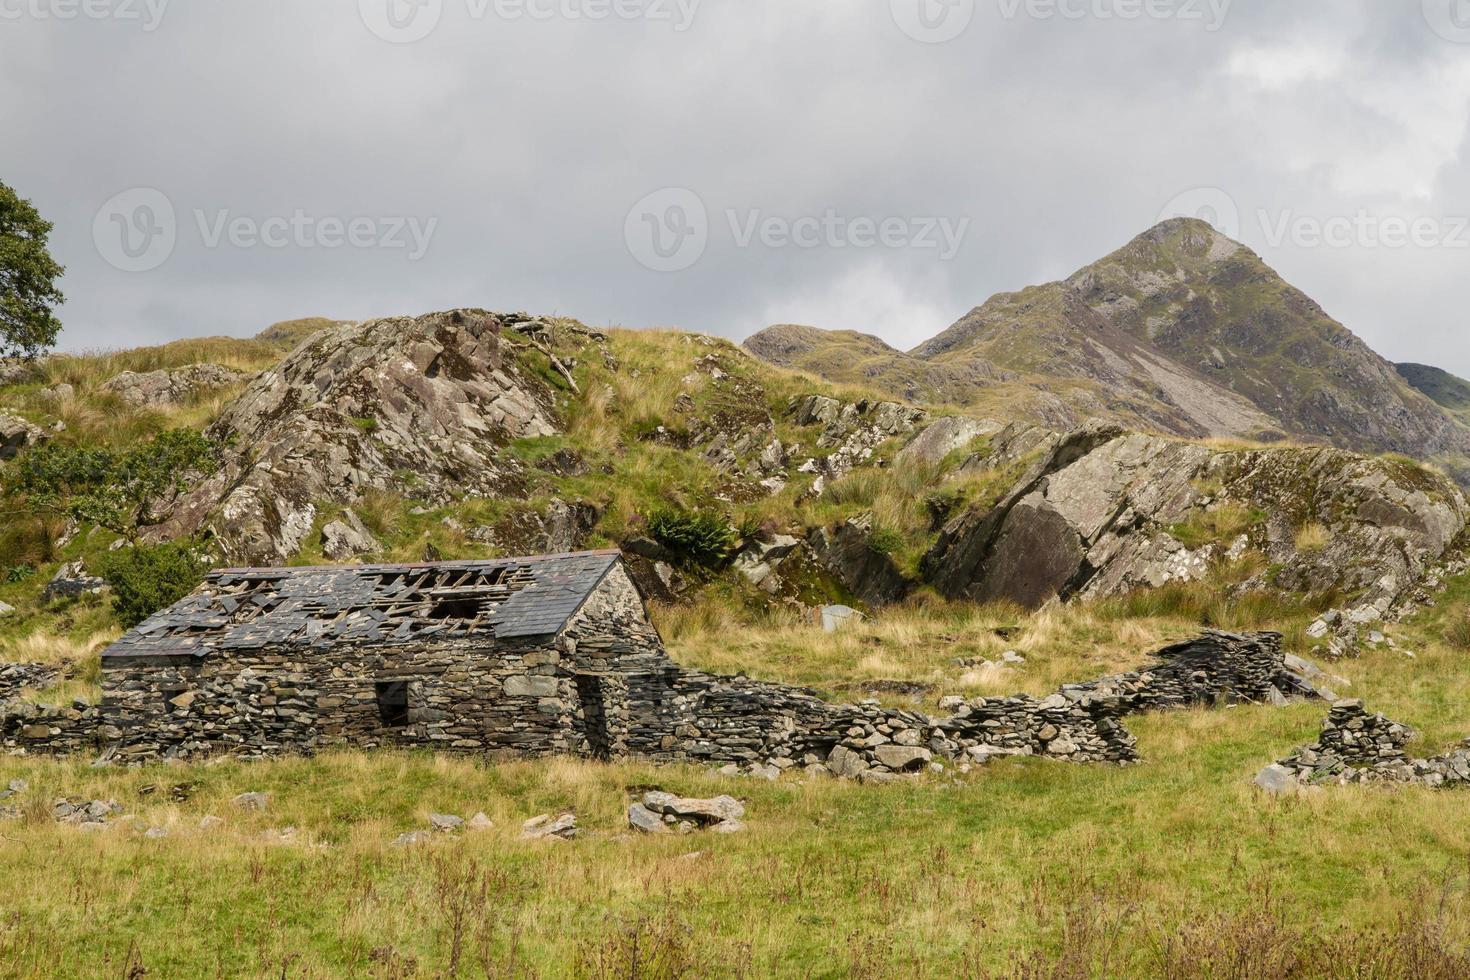 gallese montagna Cnicht con rovina del casolare in pietra in primo piano foto